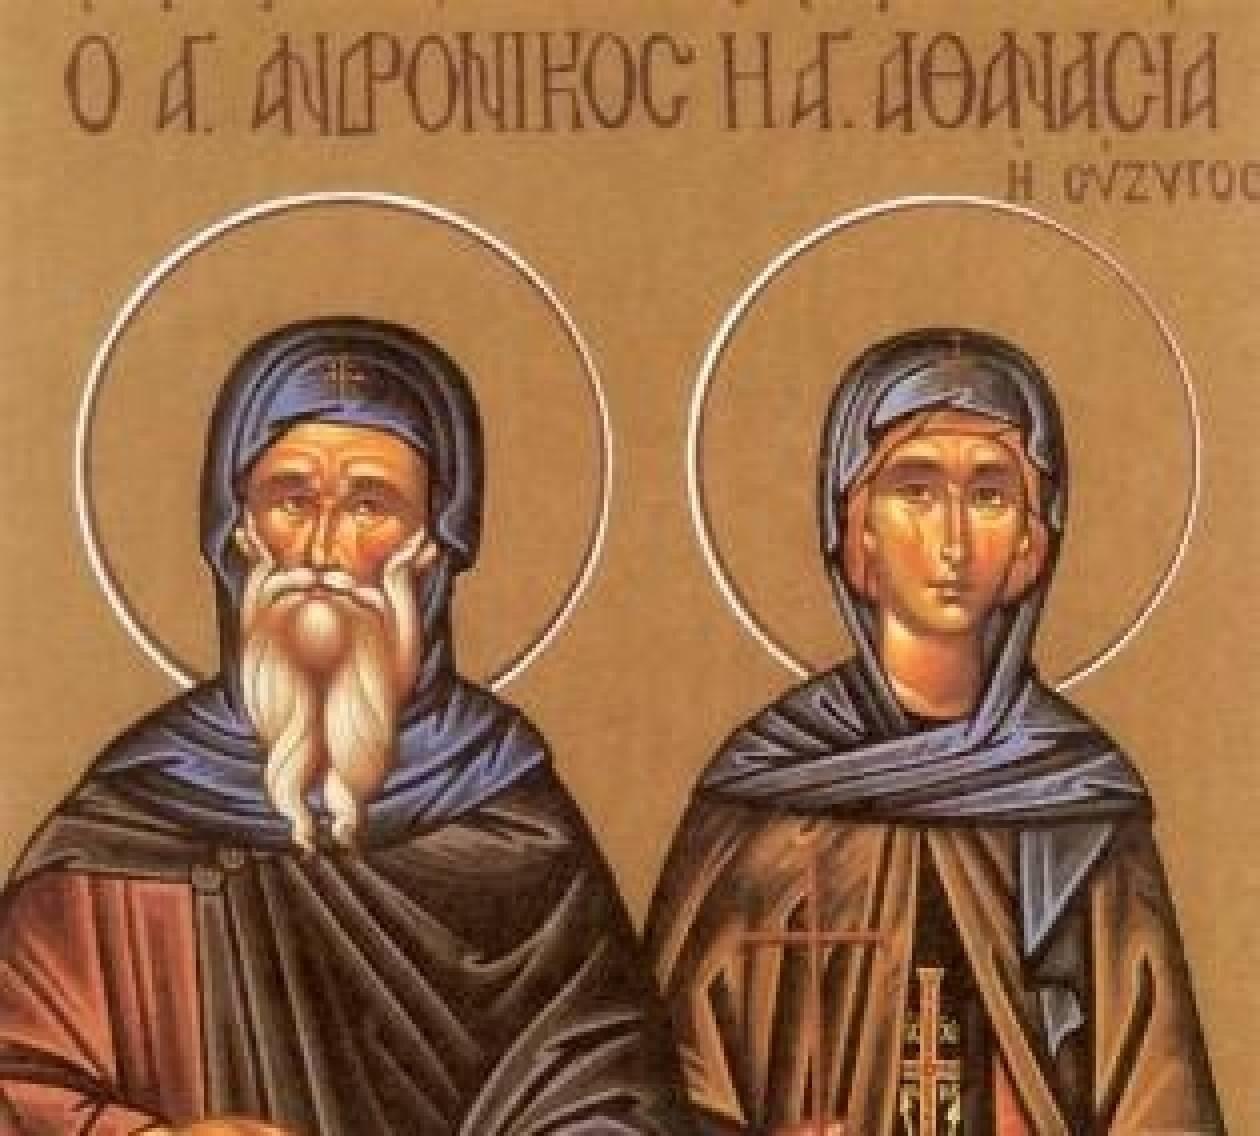 Οι Άγιοι Ανδρόνικος και Αθανασία εορτάζουν στις 9 Οκτωβρίου - Newsbomb - Ειδησεις